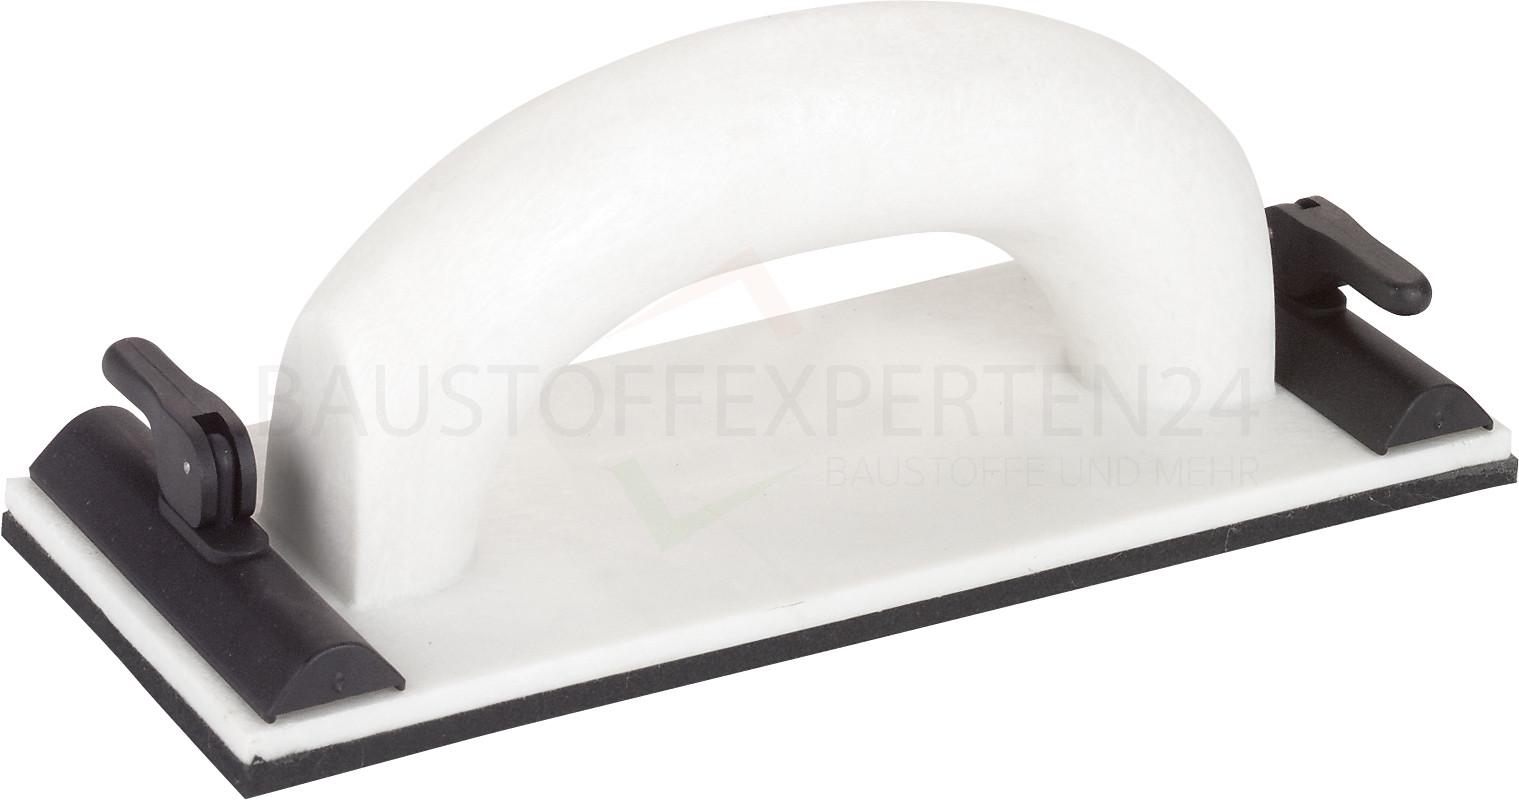 Handschleifer mit Klappverschluss, Moosgummi-Belag, 9 x 24cm, Triuso Premiumline